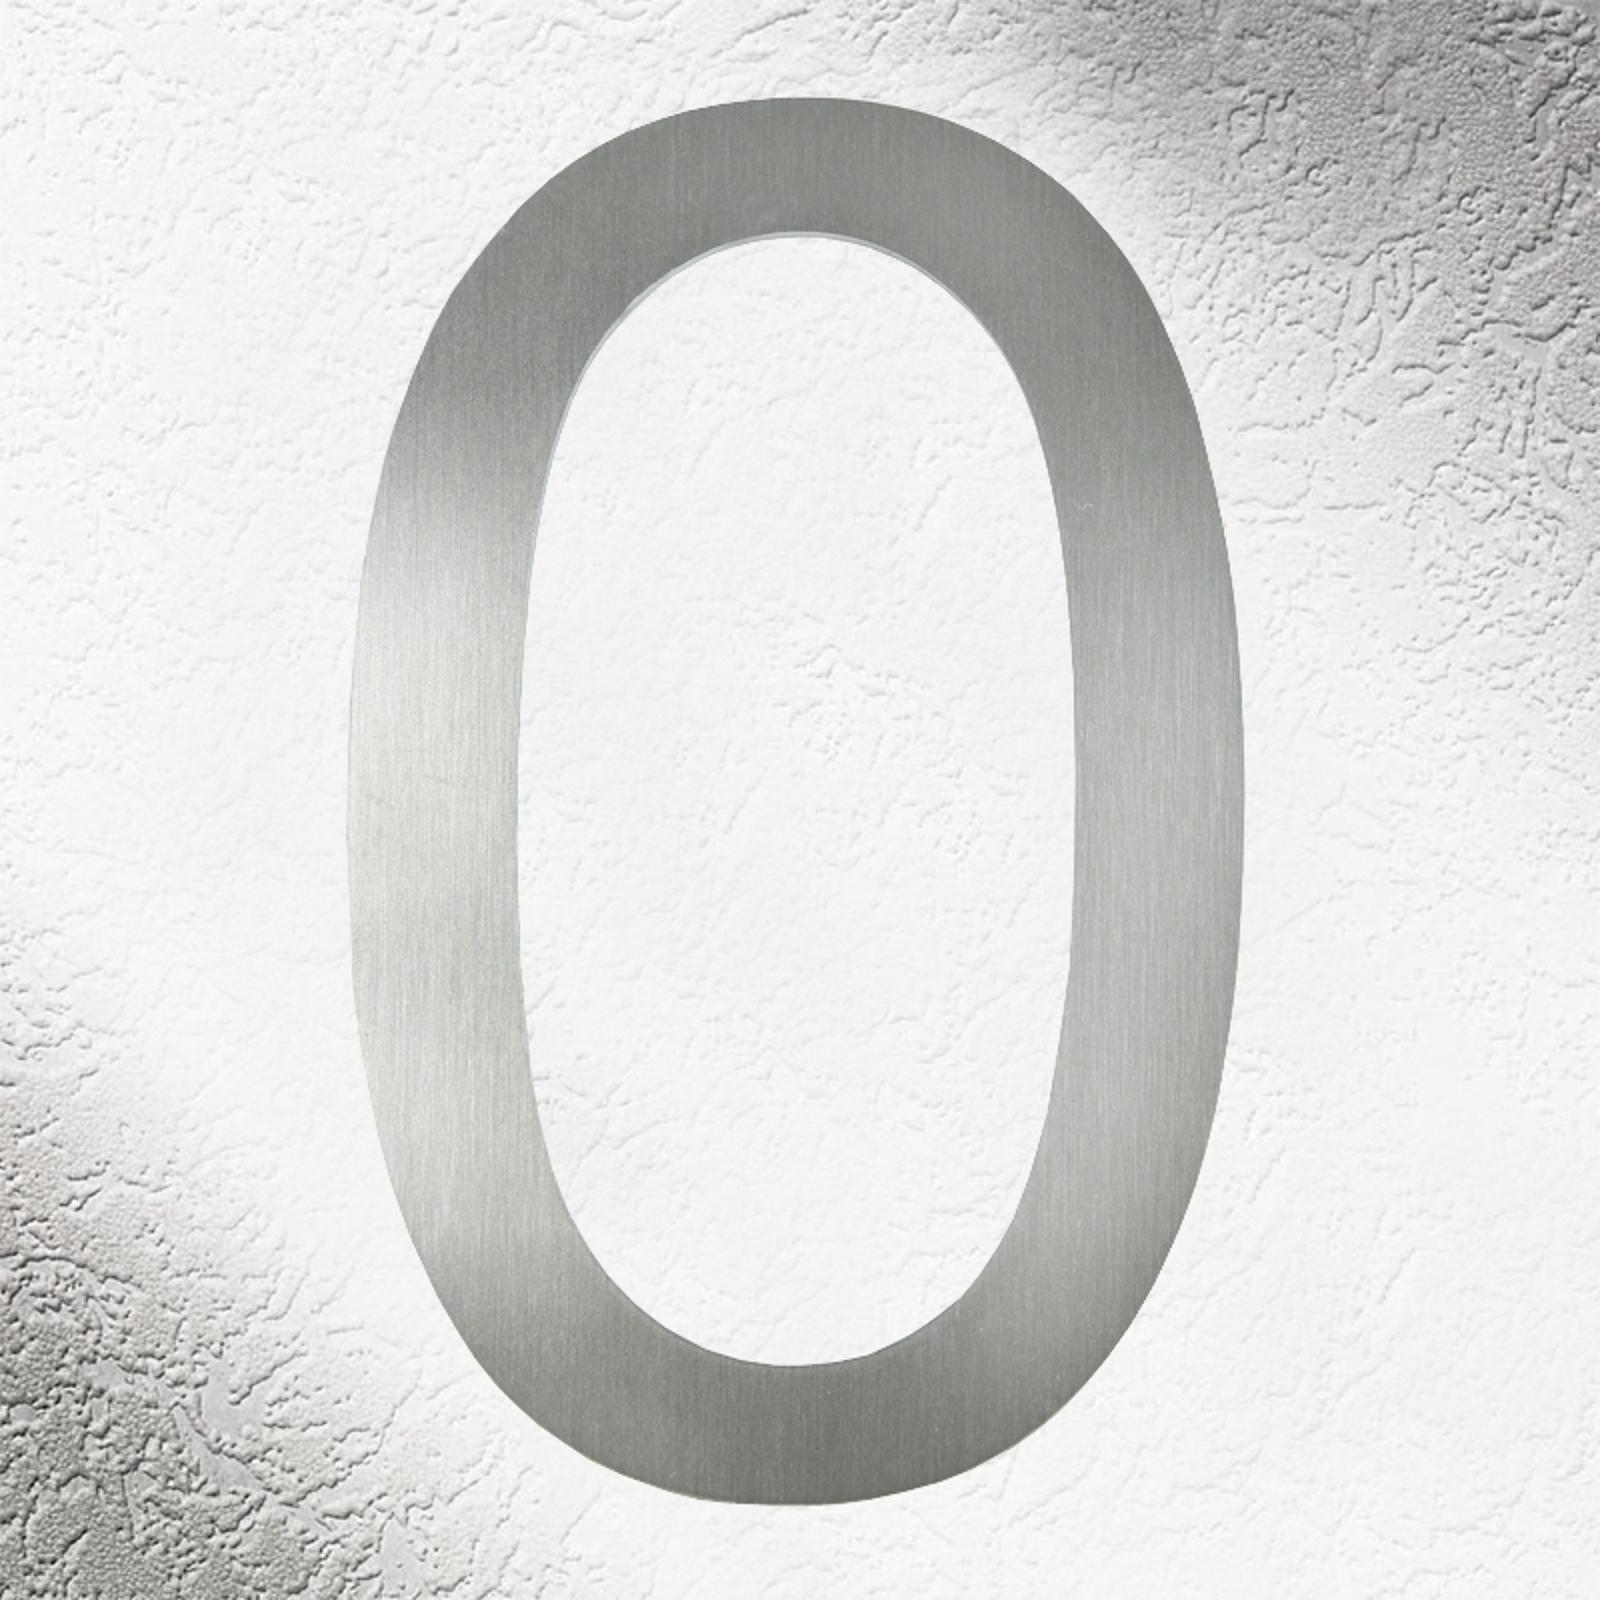 Wartościowe numery domu ze stali szlachetnej 0